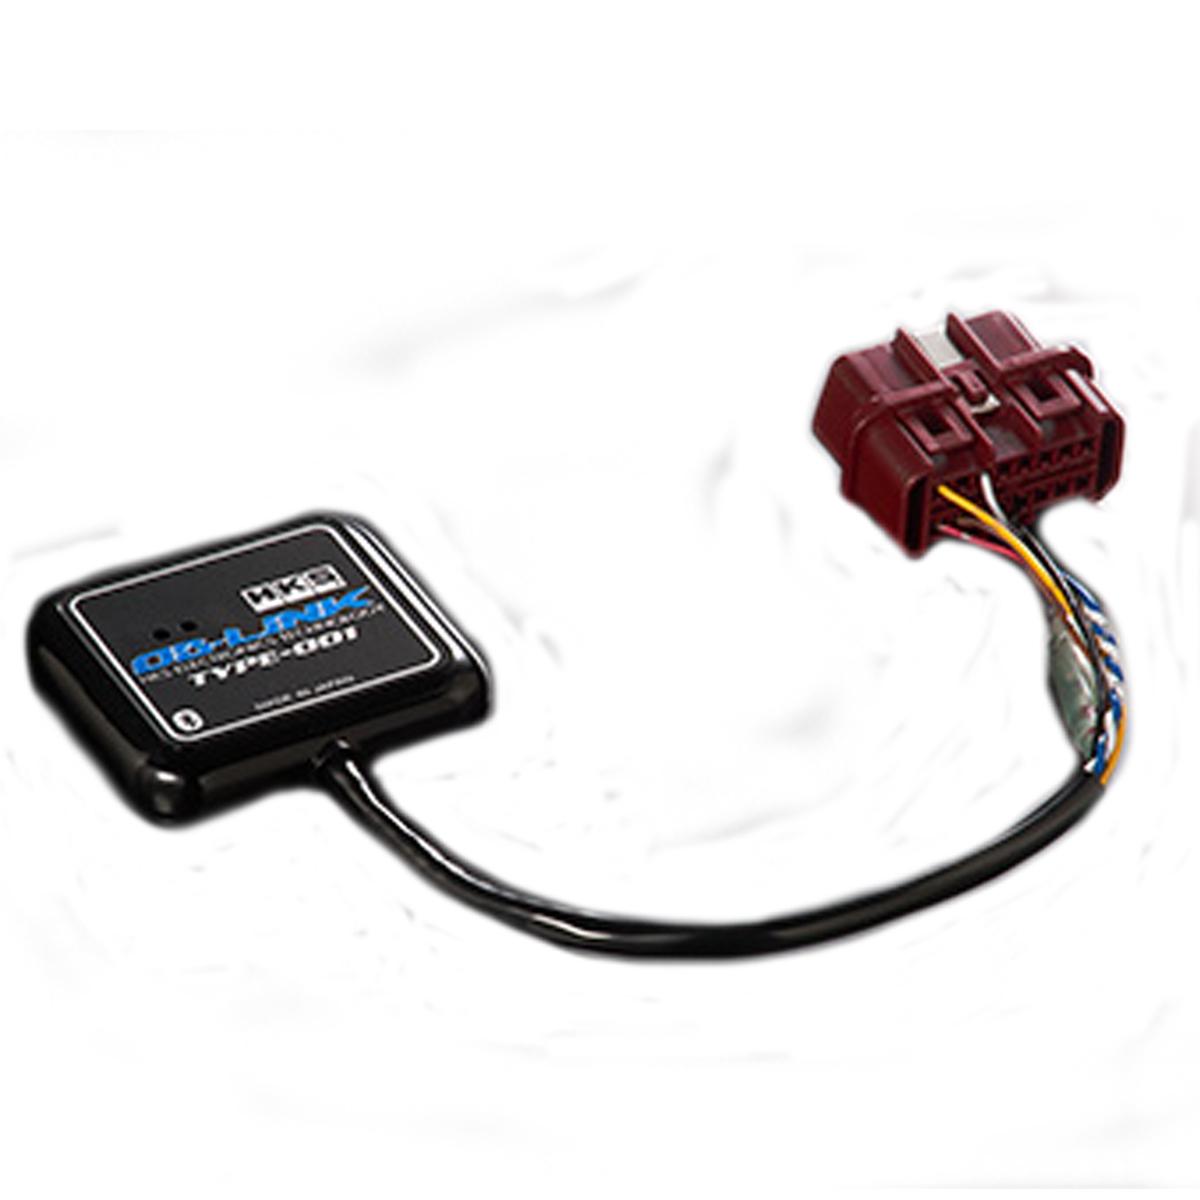 ウイングロード モニター OBリンク タイプ 001 JY12 HKS 44009-AK002 エレクトリニクス